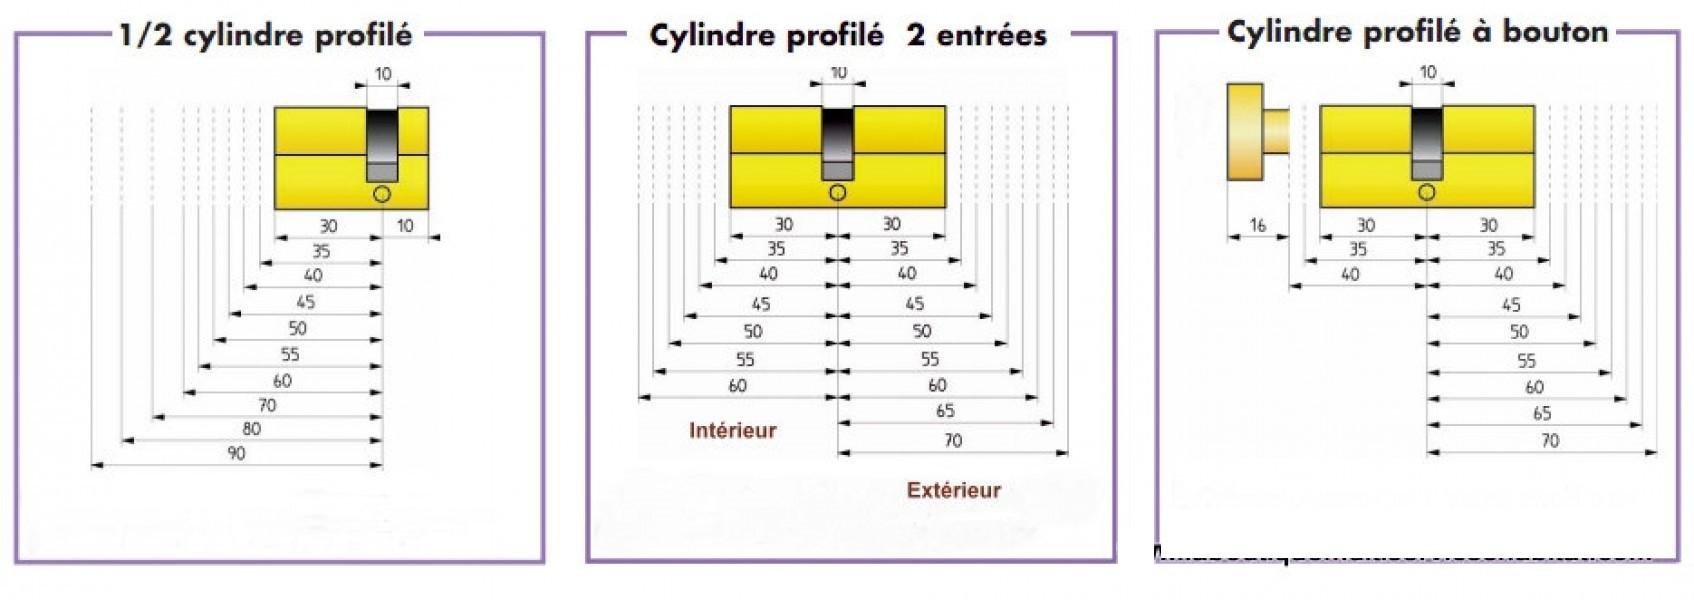 Cylindre europ en pollux haute suret 3 cl s quincaillerie clefor serrures cl s - Cylindre serrure dimension ...